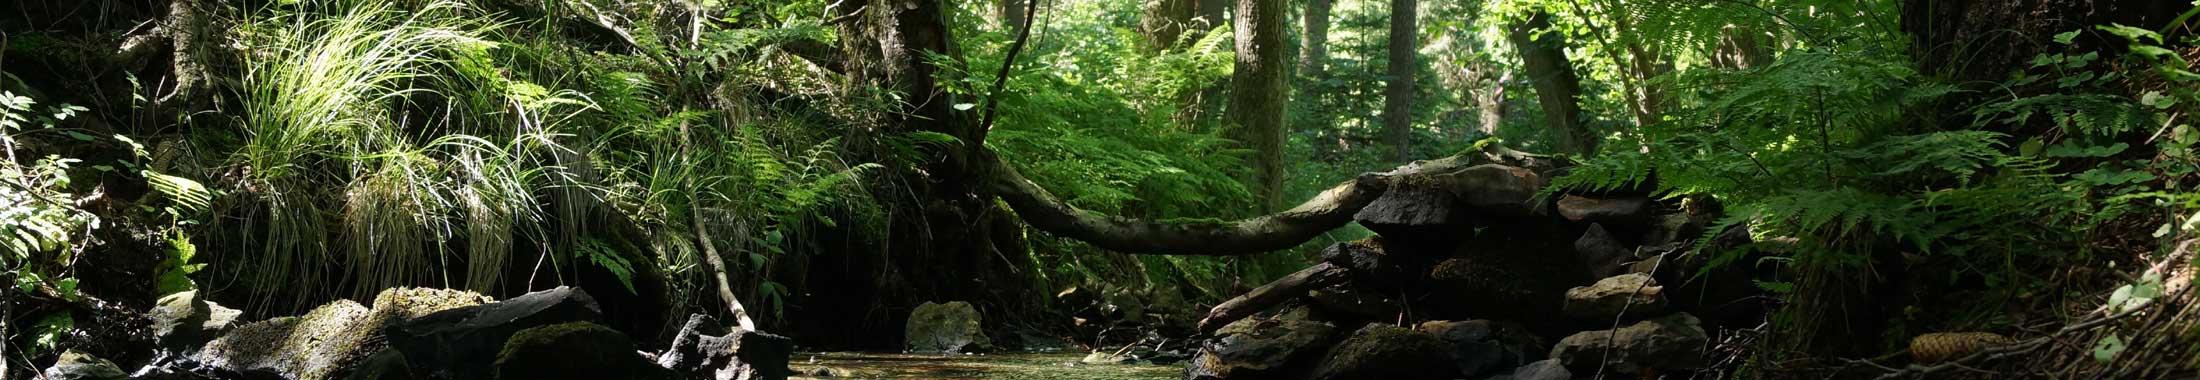 Wälder in Hildesheim